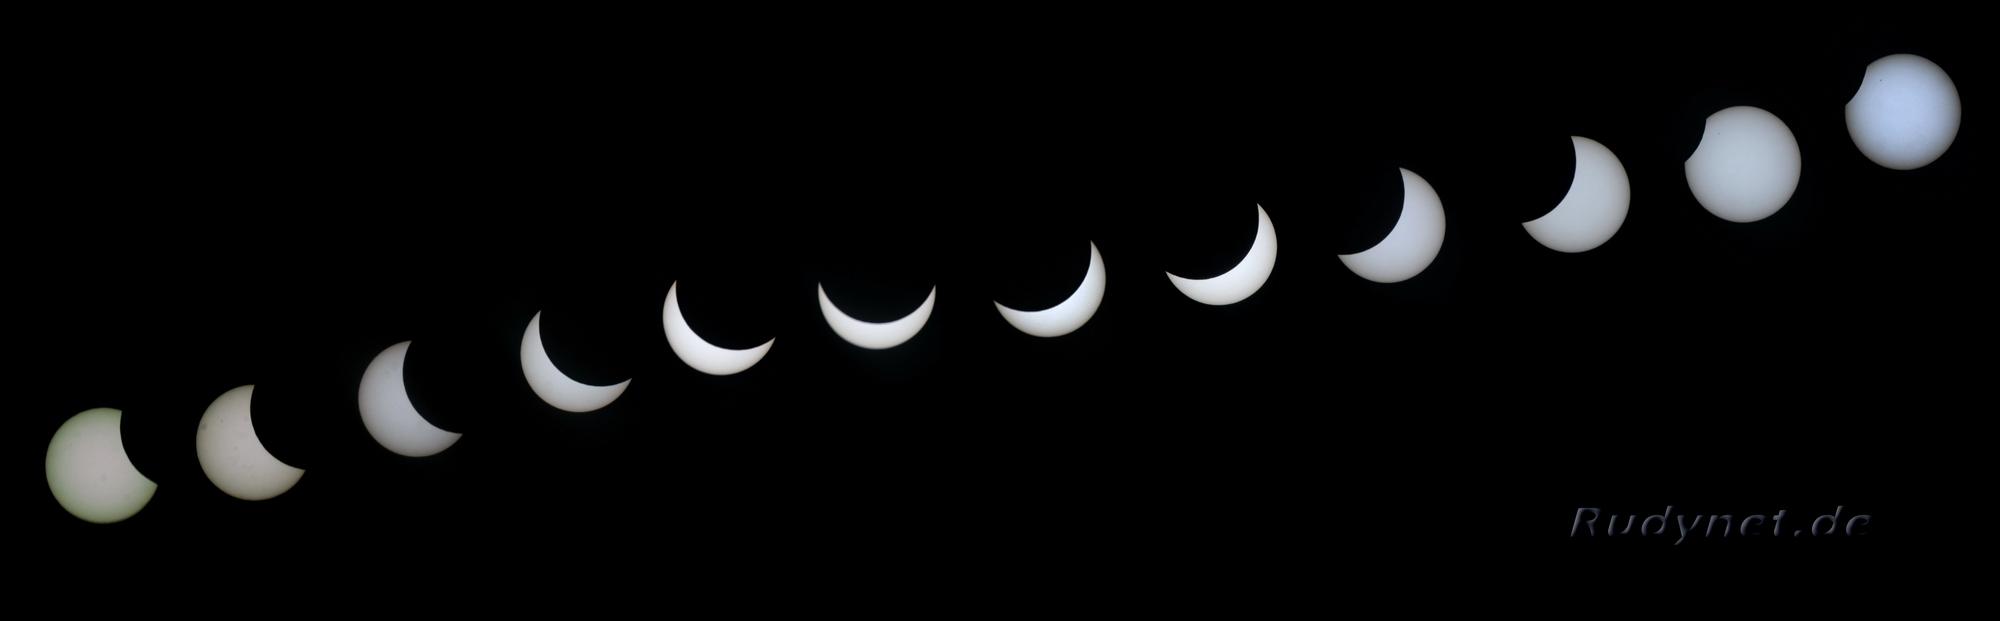 0-Eclipse 2015.jpg